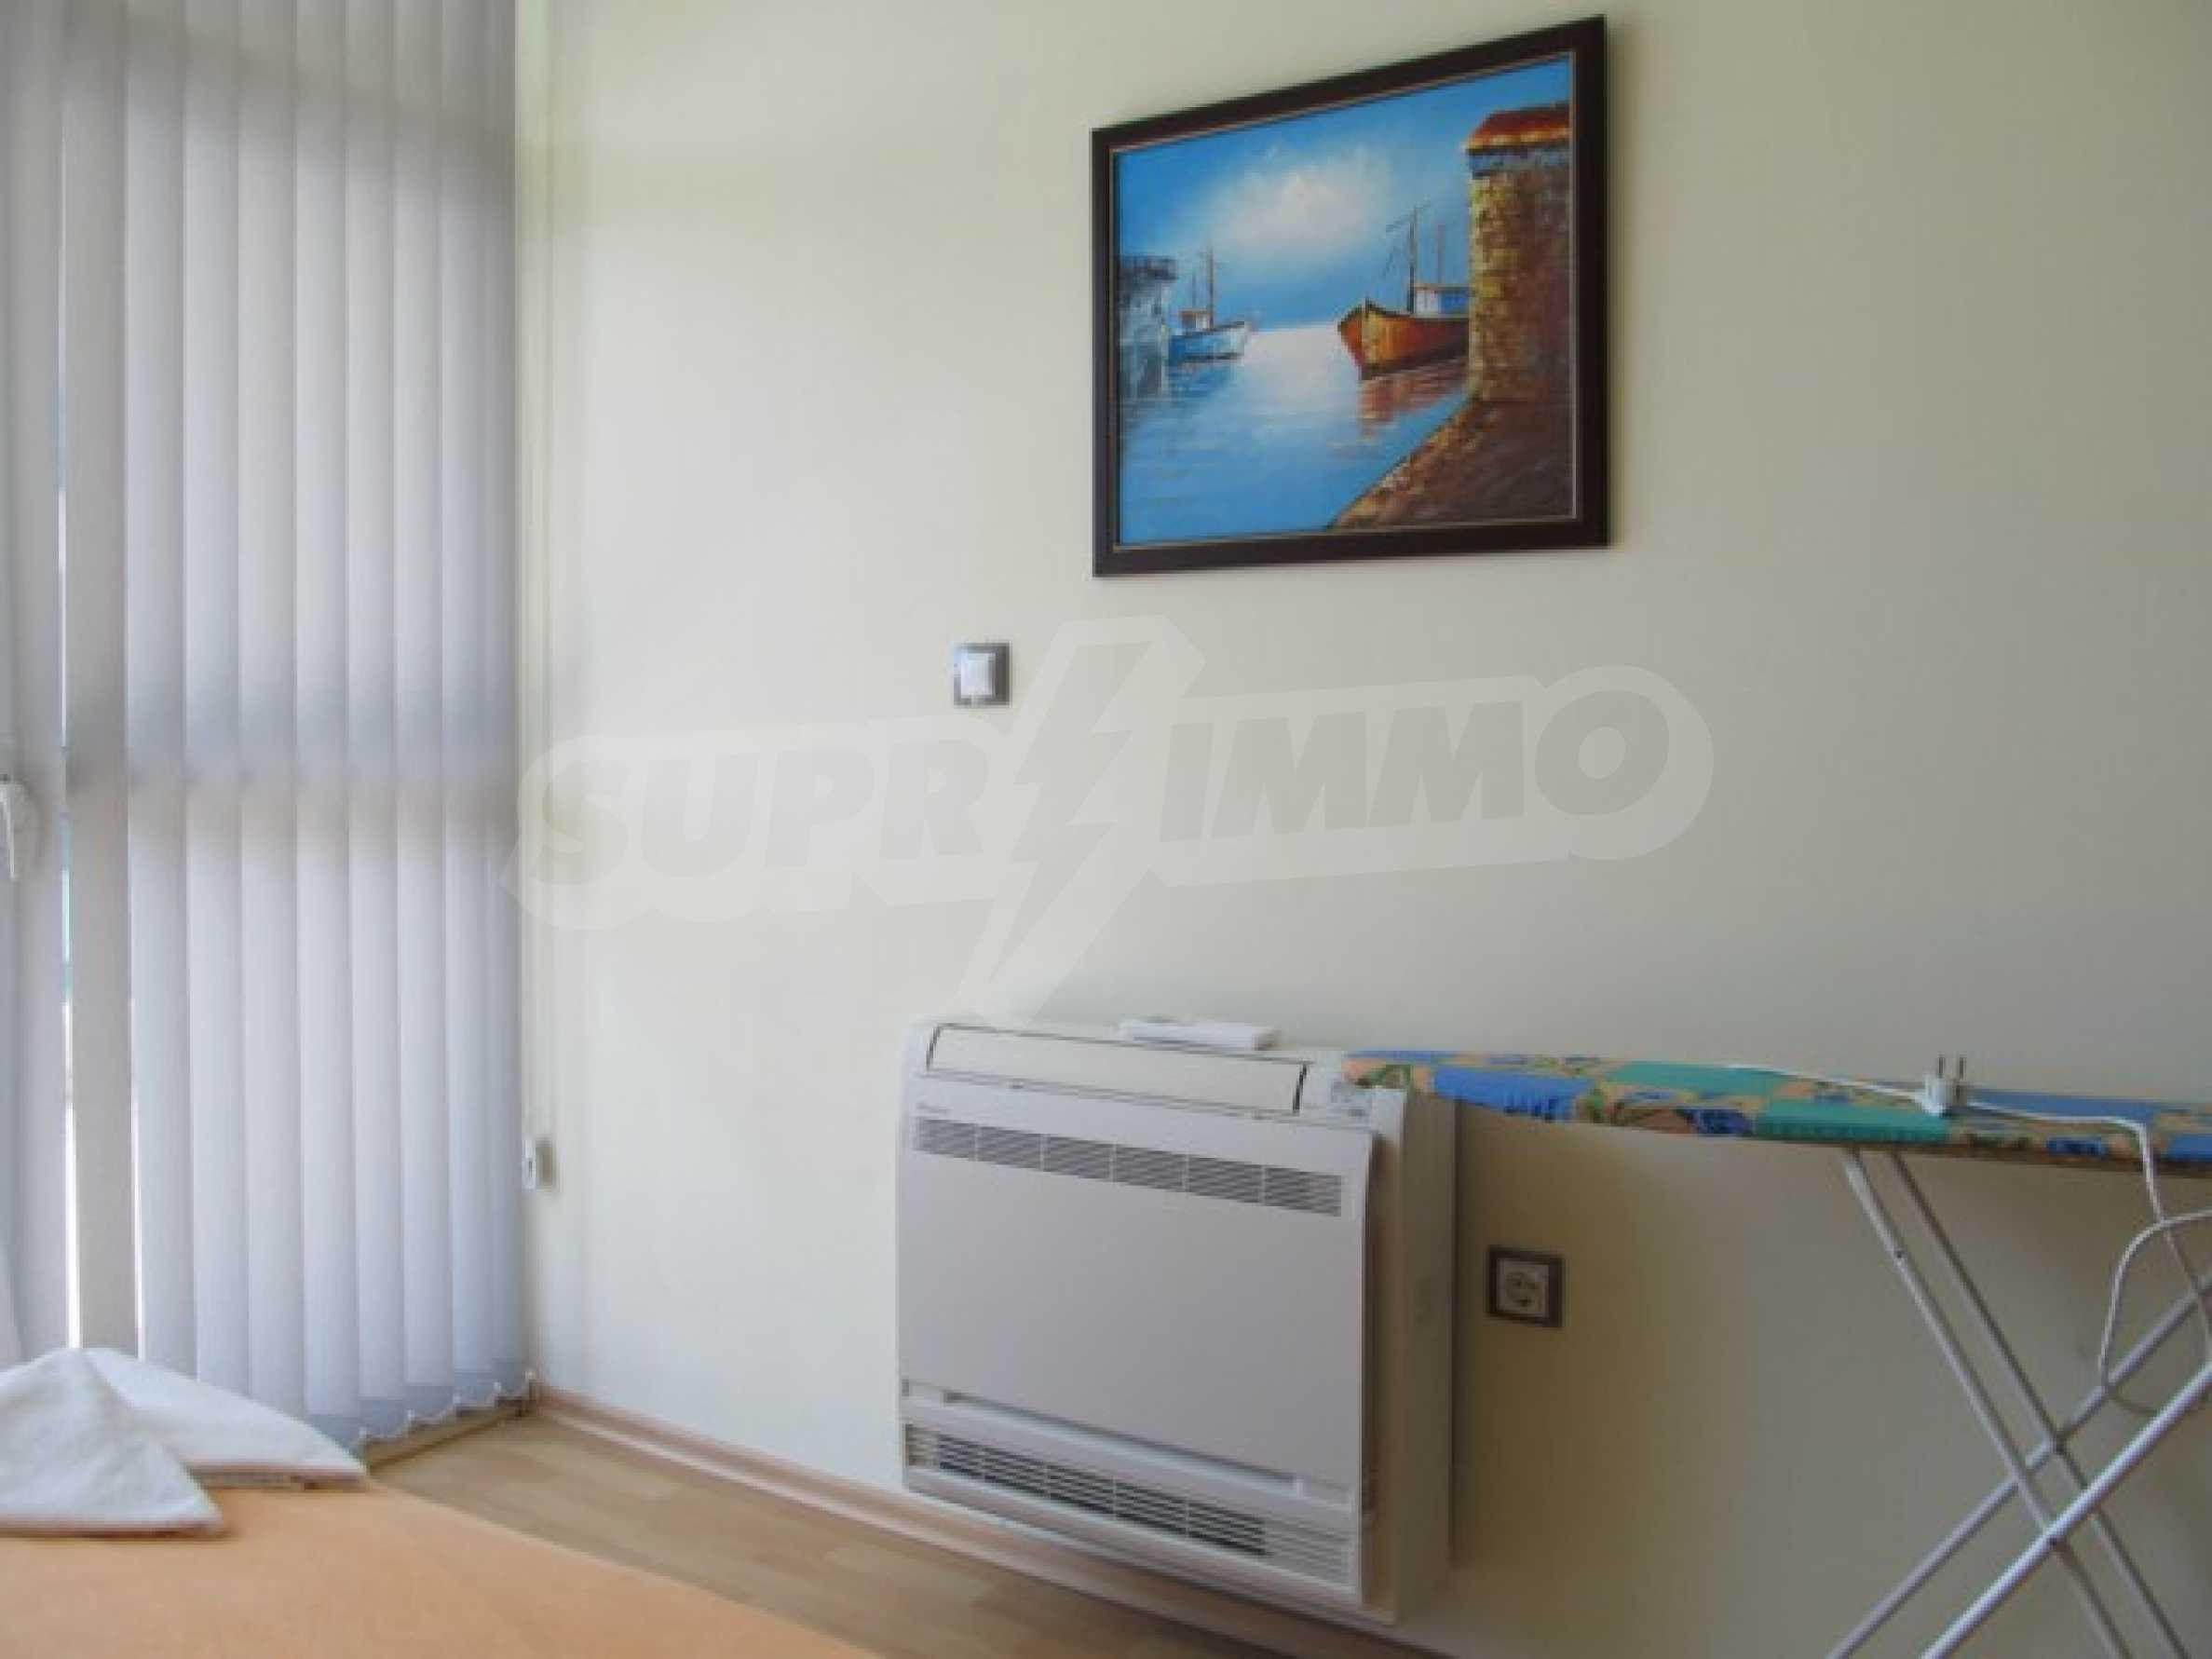 Zwei-Zimmer-Wohnung zum Verkauf in Pomorie 19